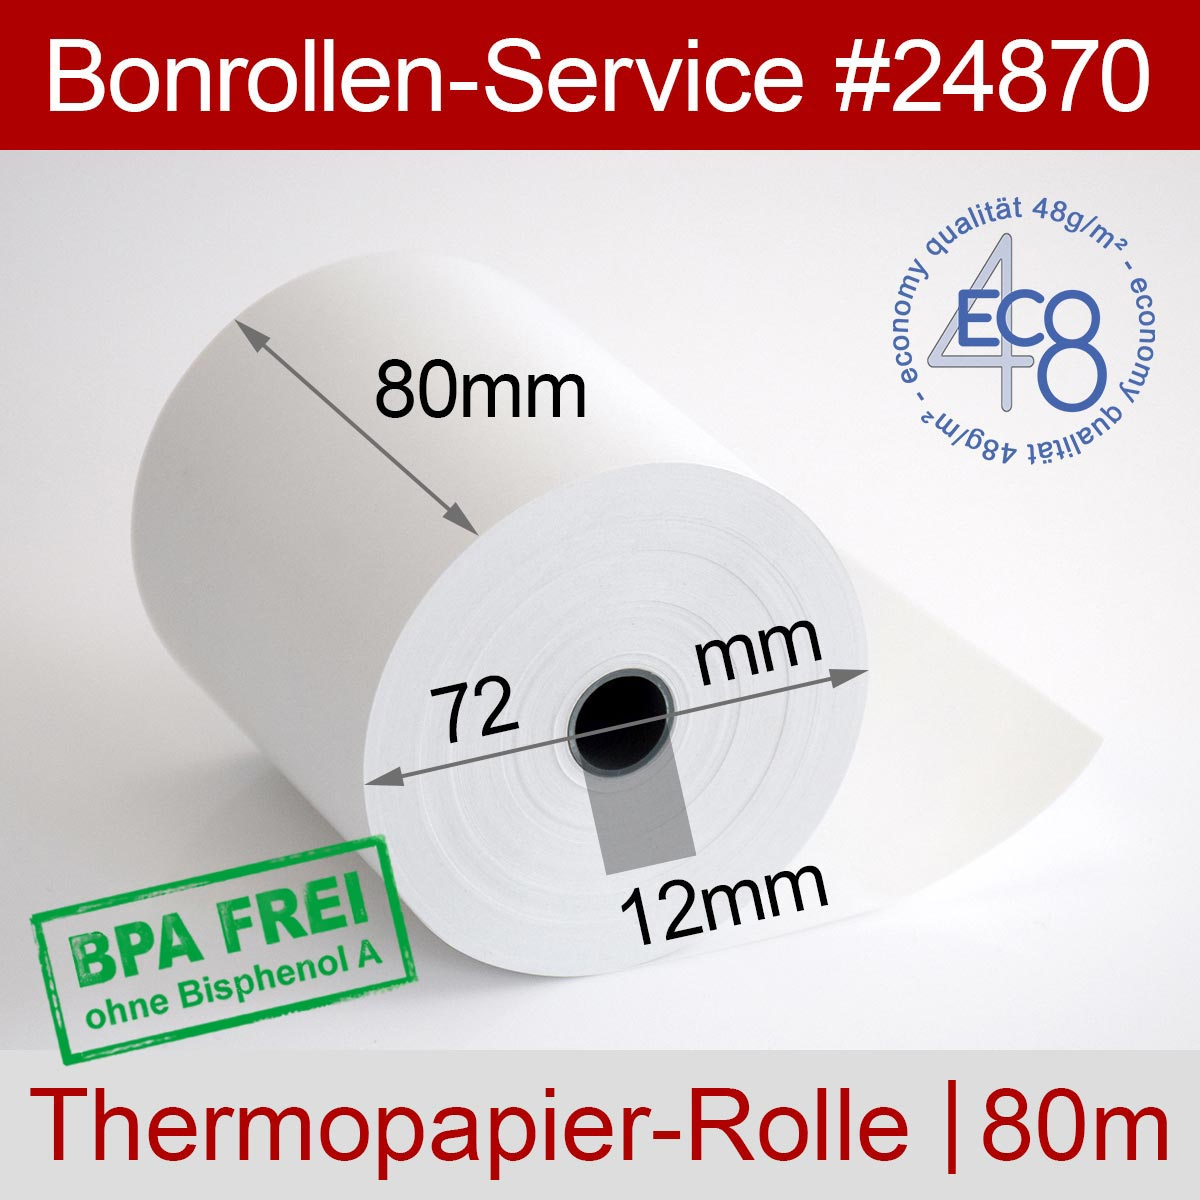 Thermorollen BPA-frei 80 / 80m / 12 - Economy, 48g/m², weiß - Detailansicht